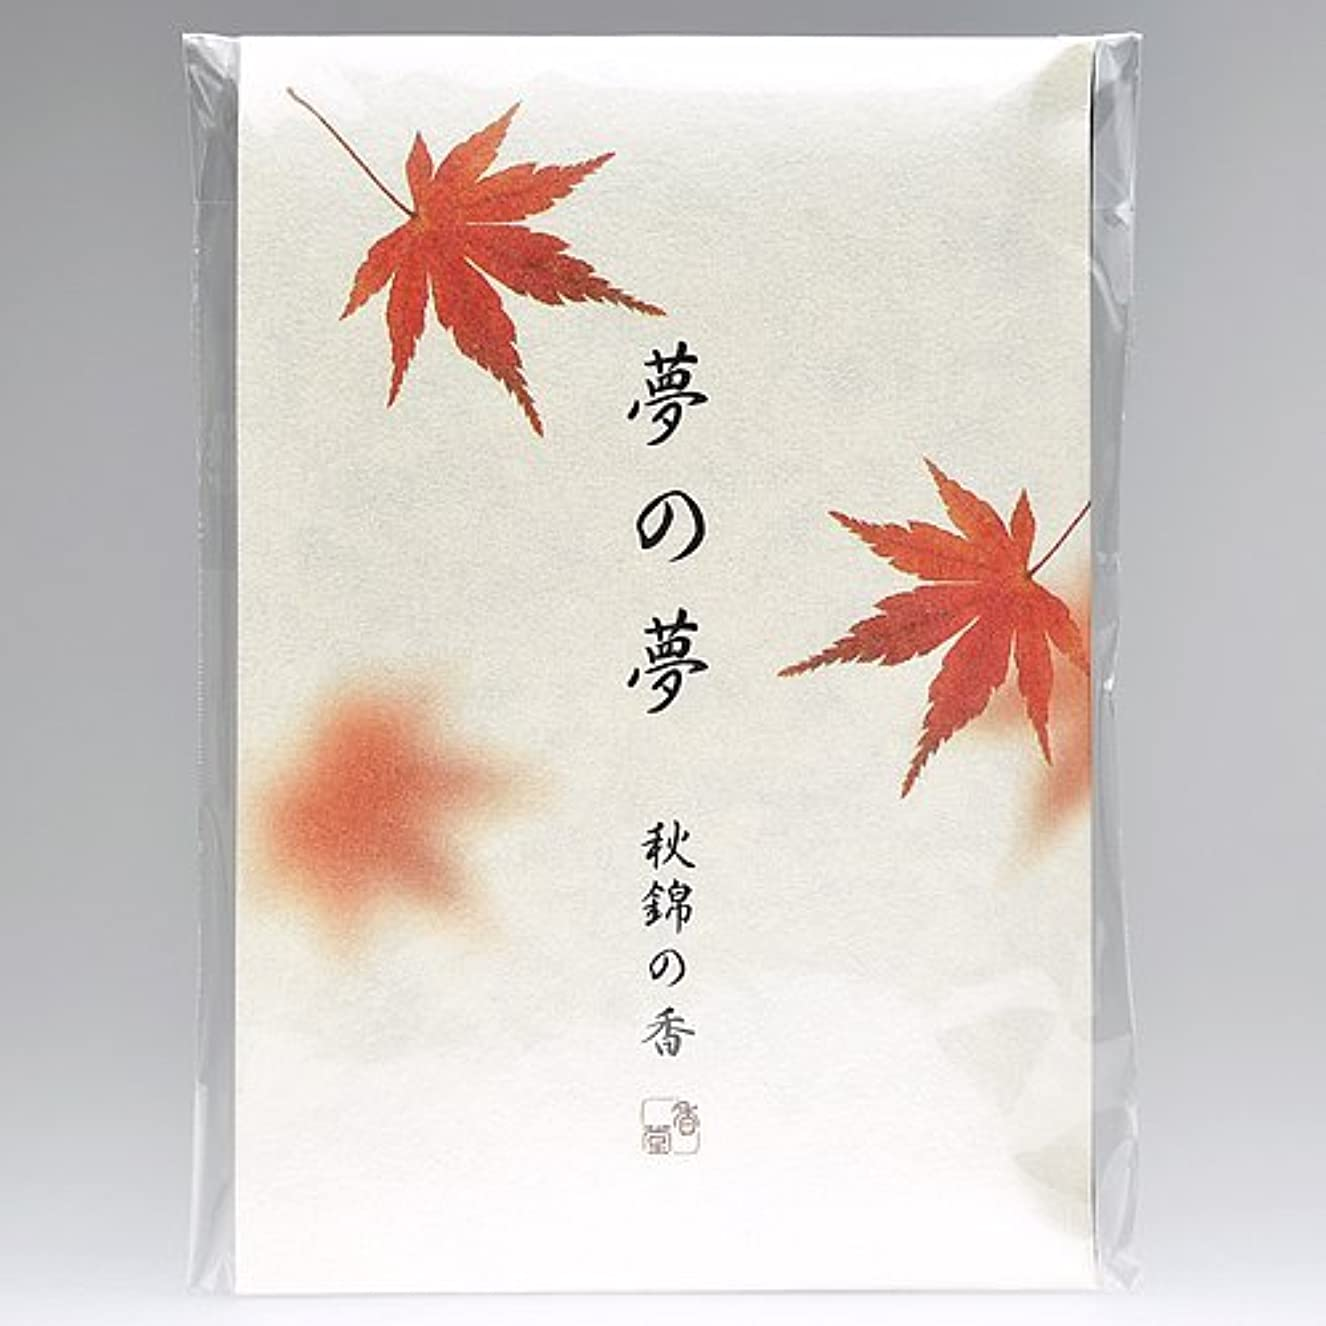 宗教受け皿直径夢の夢 秋錦の香 (紅葉) スティック12本入